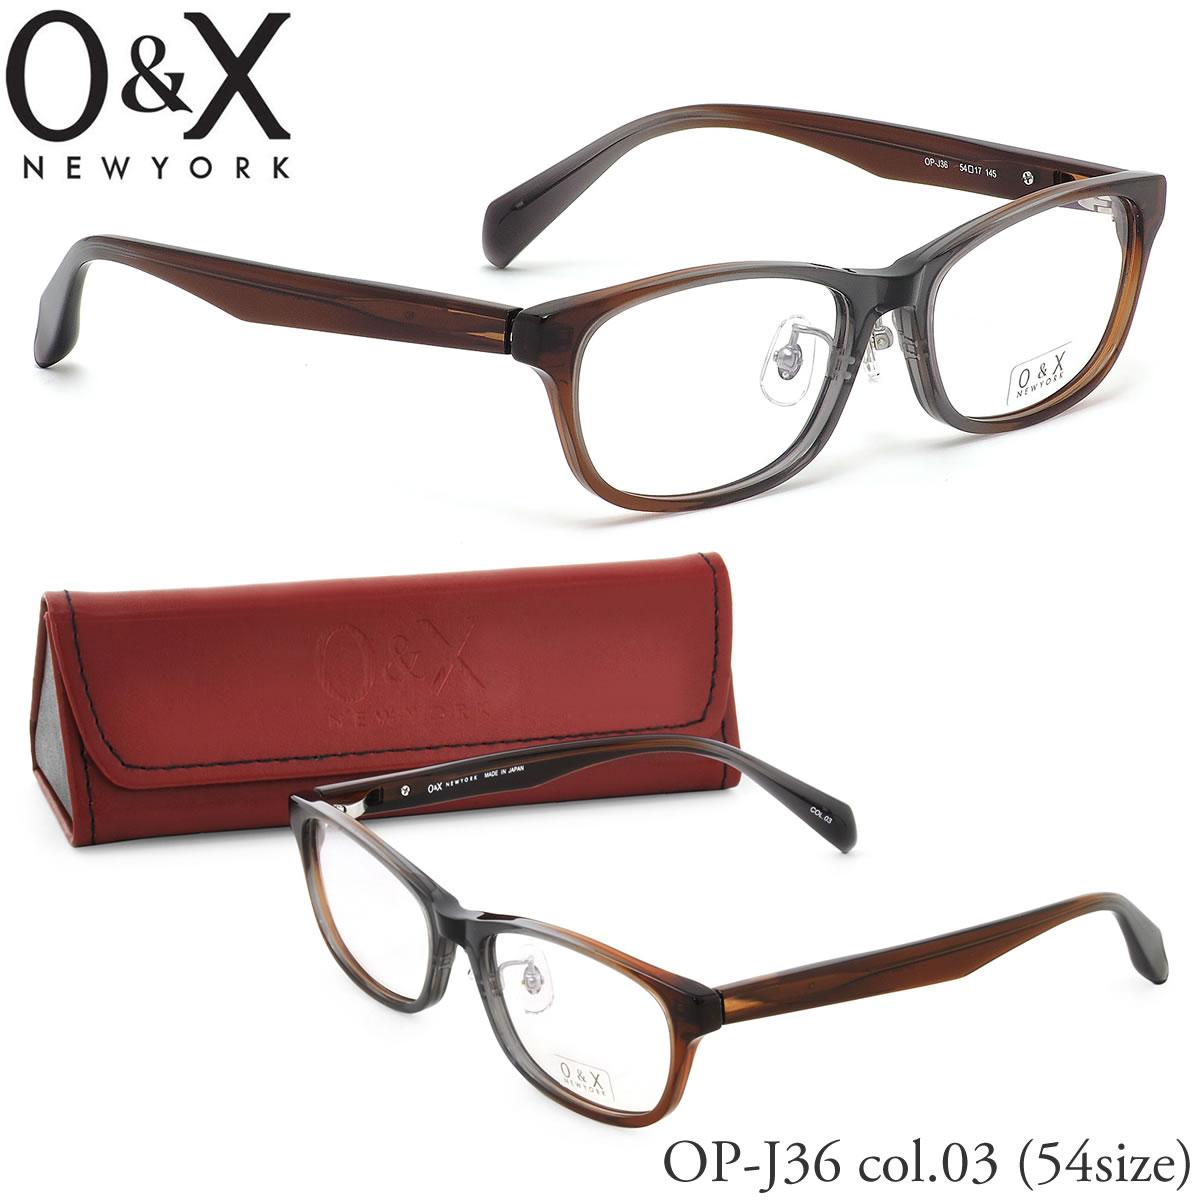 オーアンドエックス O&X メガネ OPJ36 03 54サイズ 板バネ 日本製 スクエア O&X 伊達メガネレンズ無料 メンズ レディース